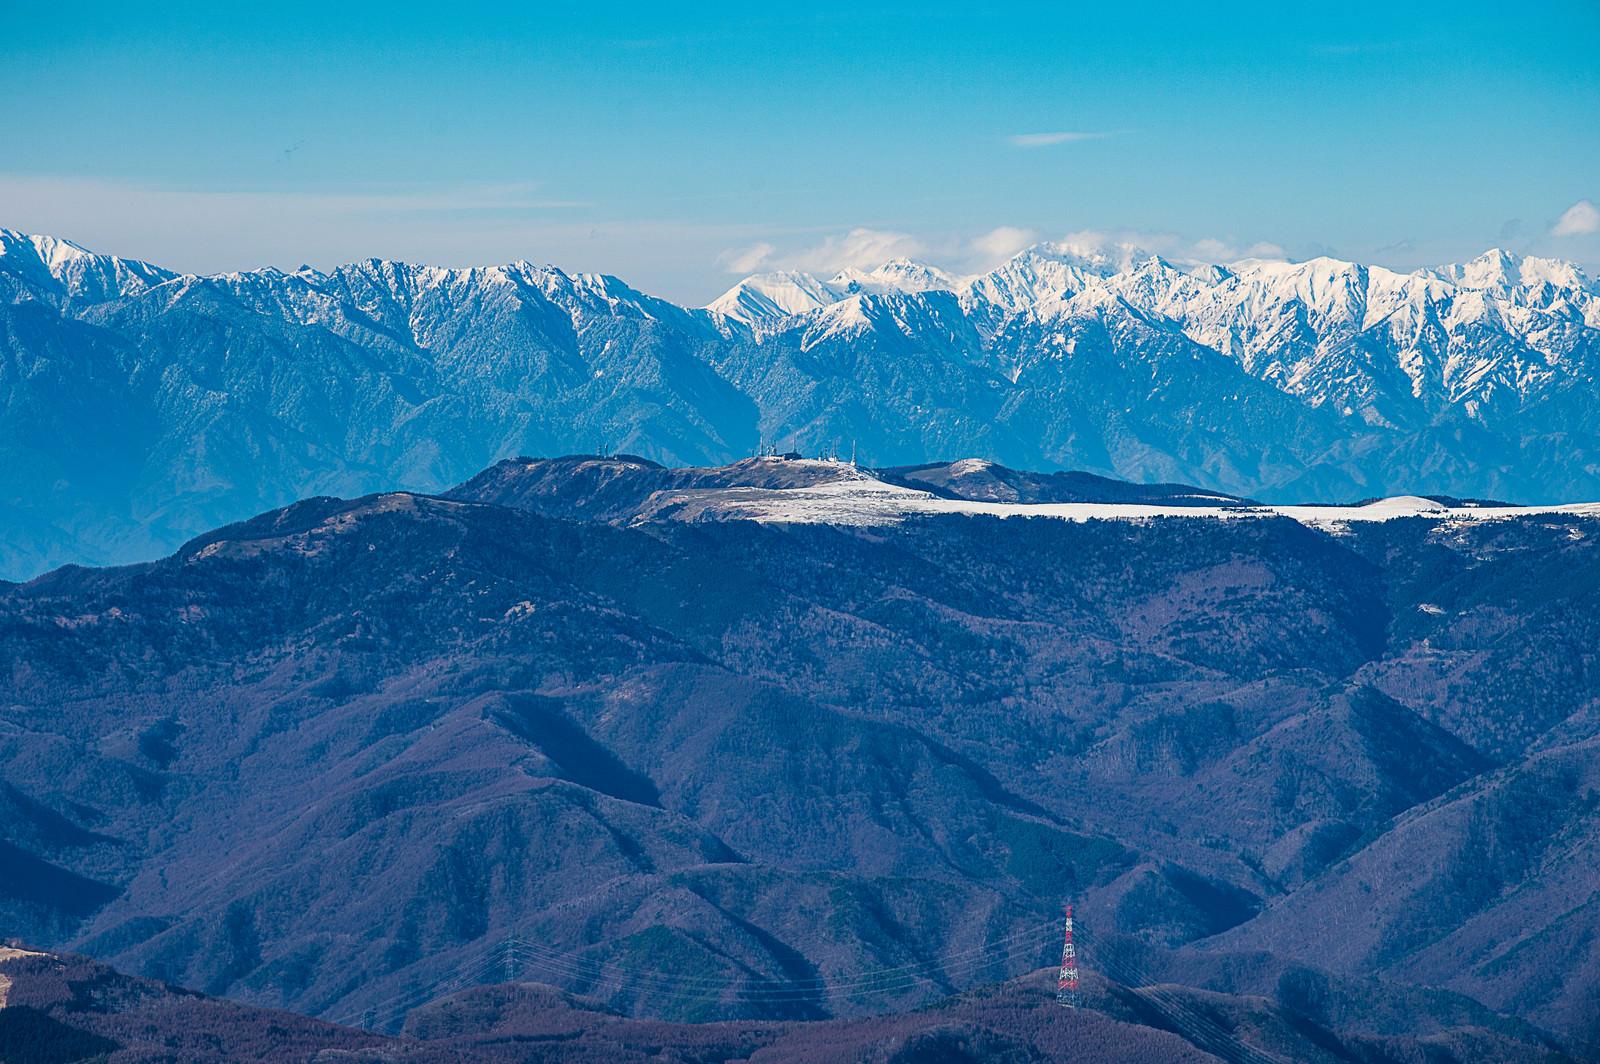 「冬の美ヶ原とアルプス」の写真